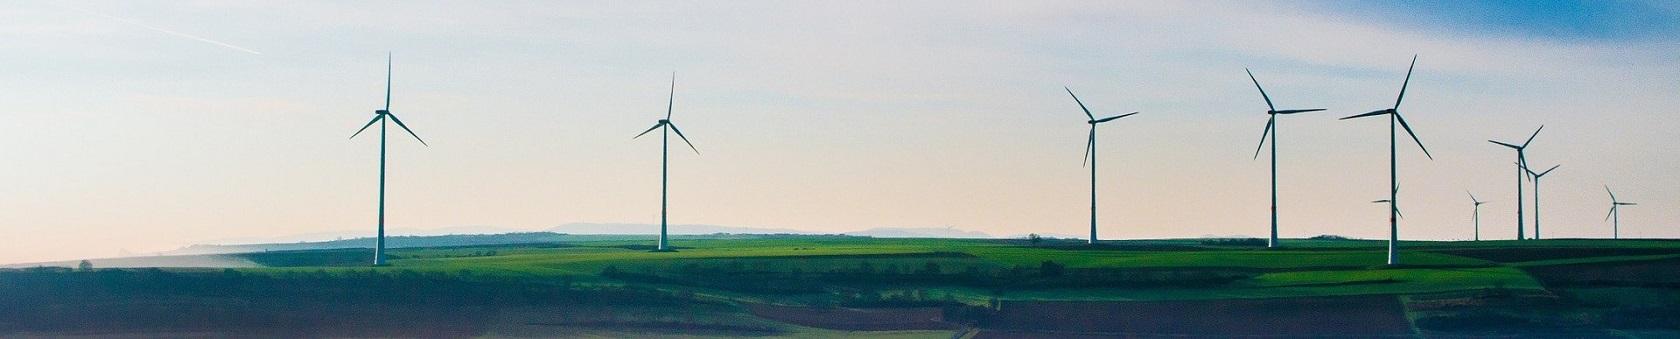 Windmolens in een landschap